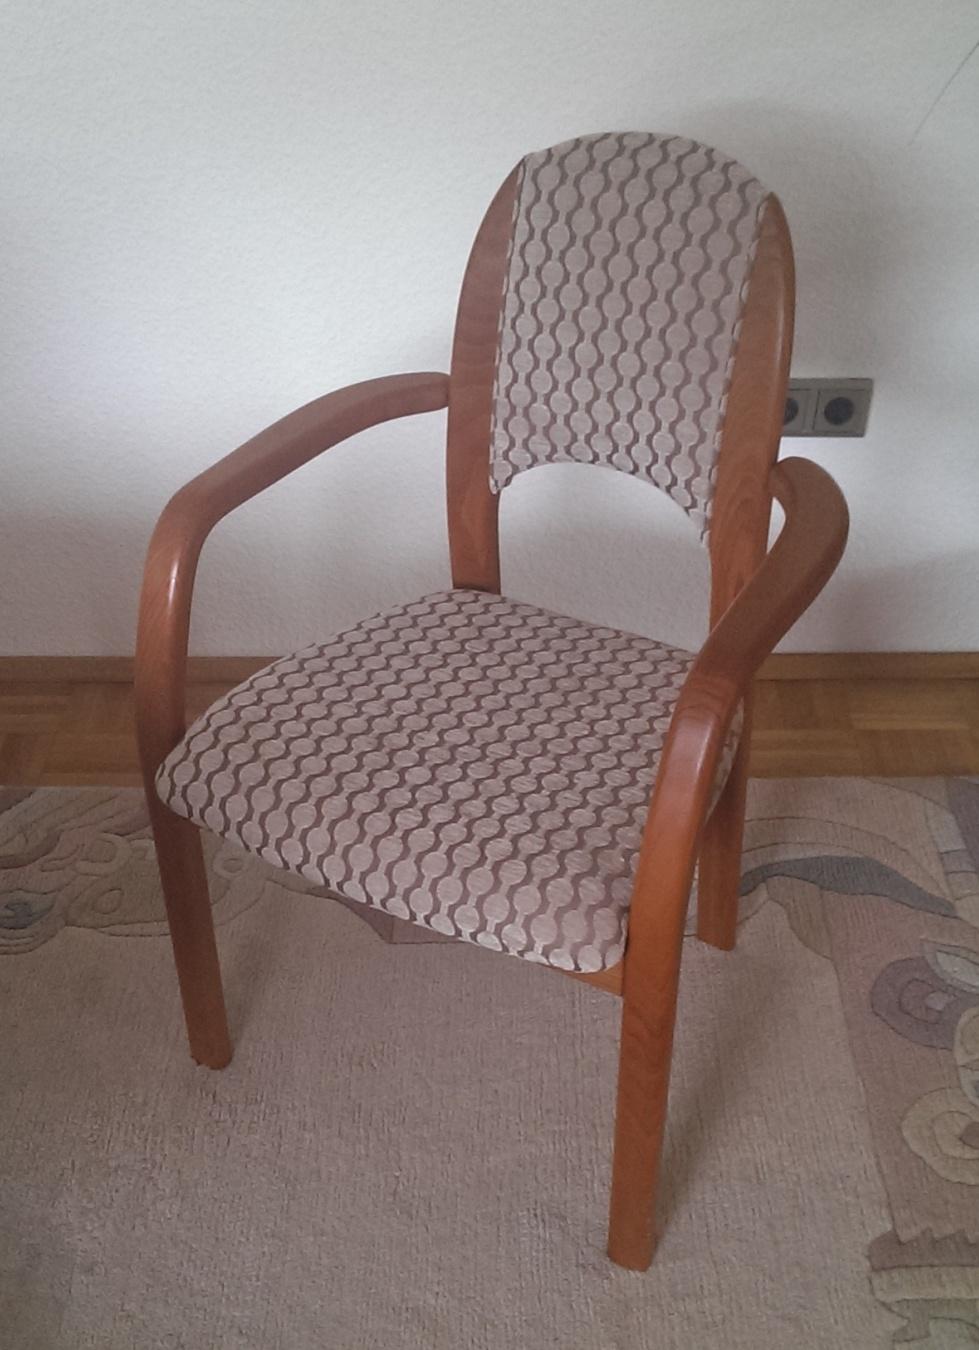 Stuhl im Kundenauftrag neu bezogen.